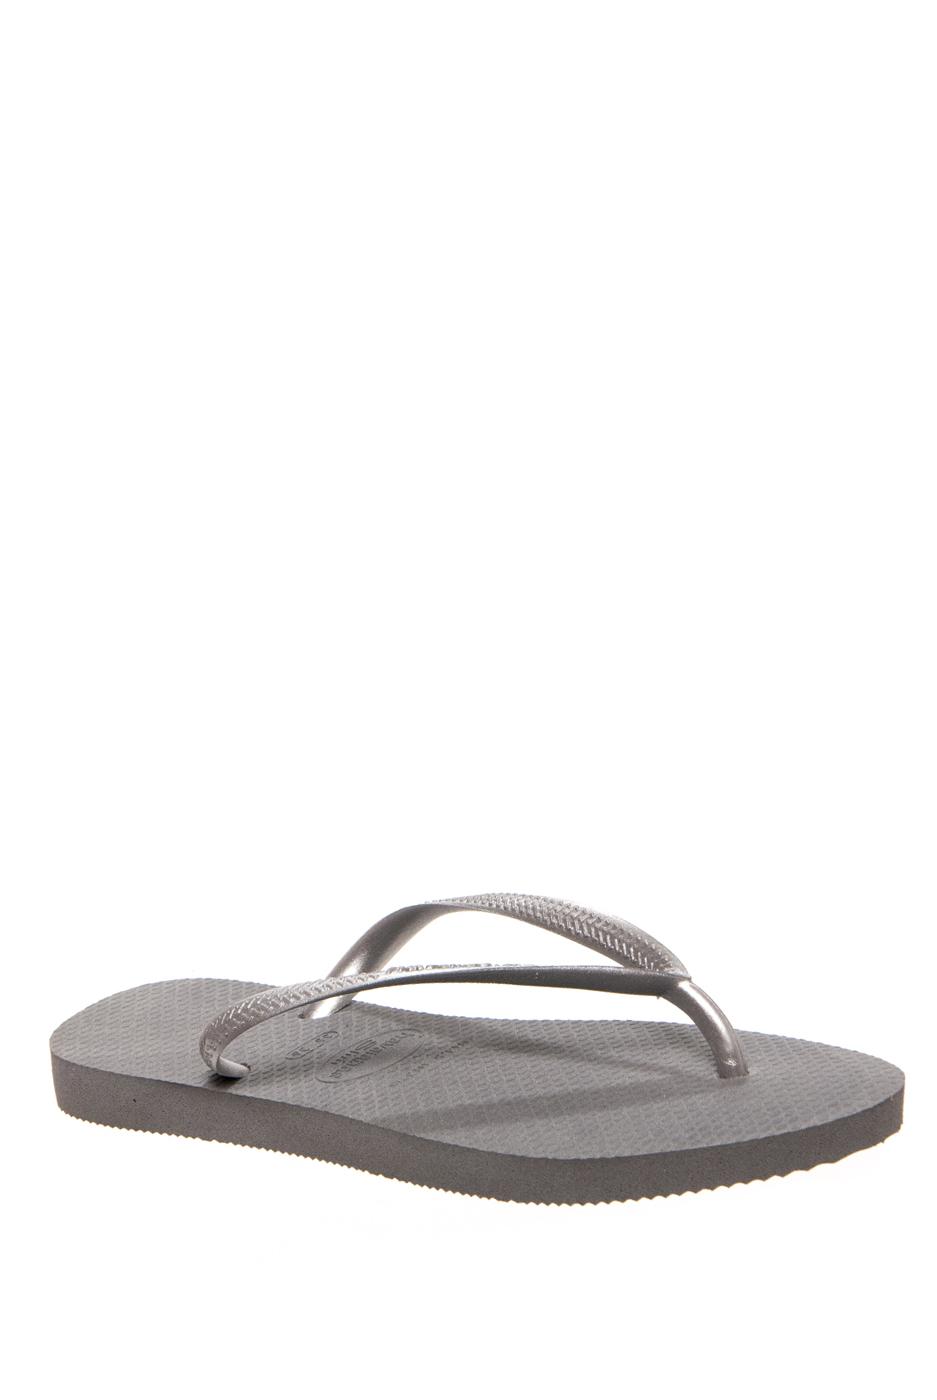 Havaianas Slim Solid Flip Flops - Grey / Silver